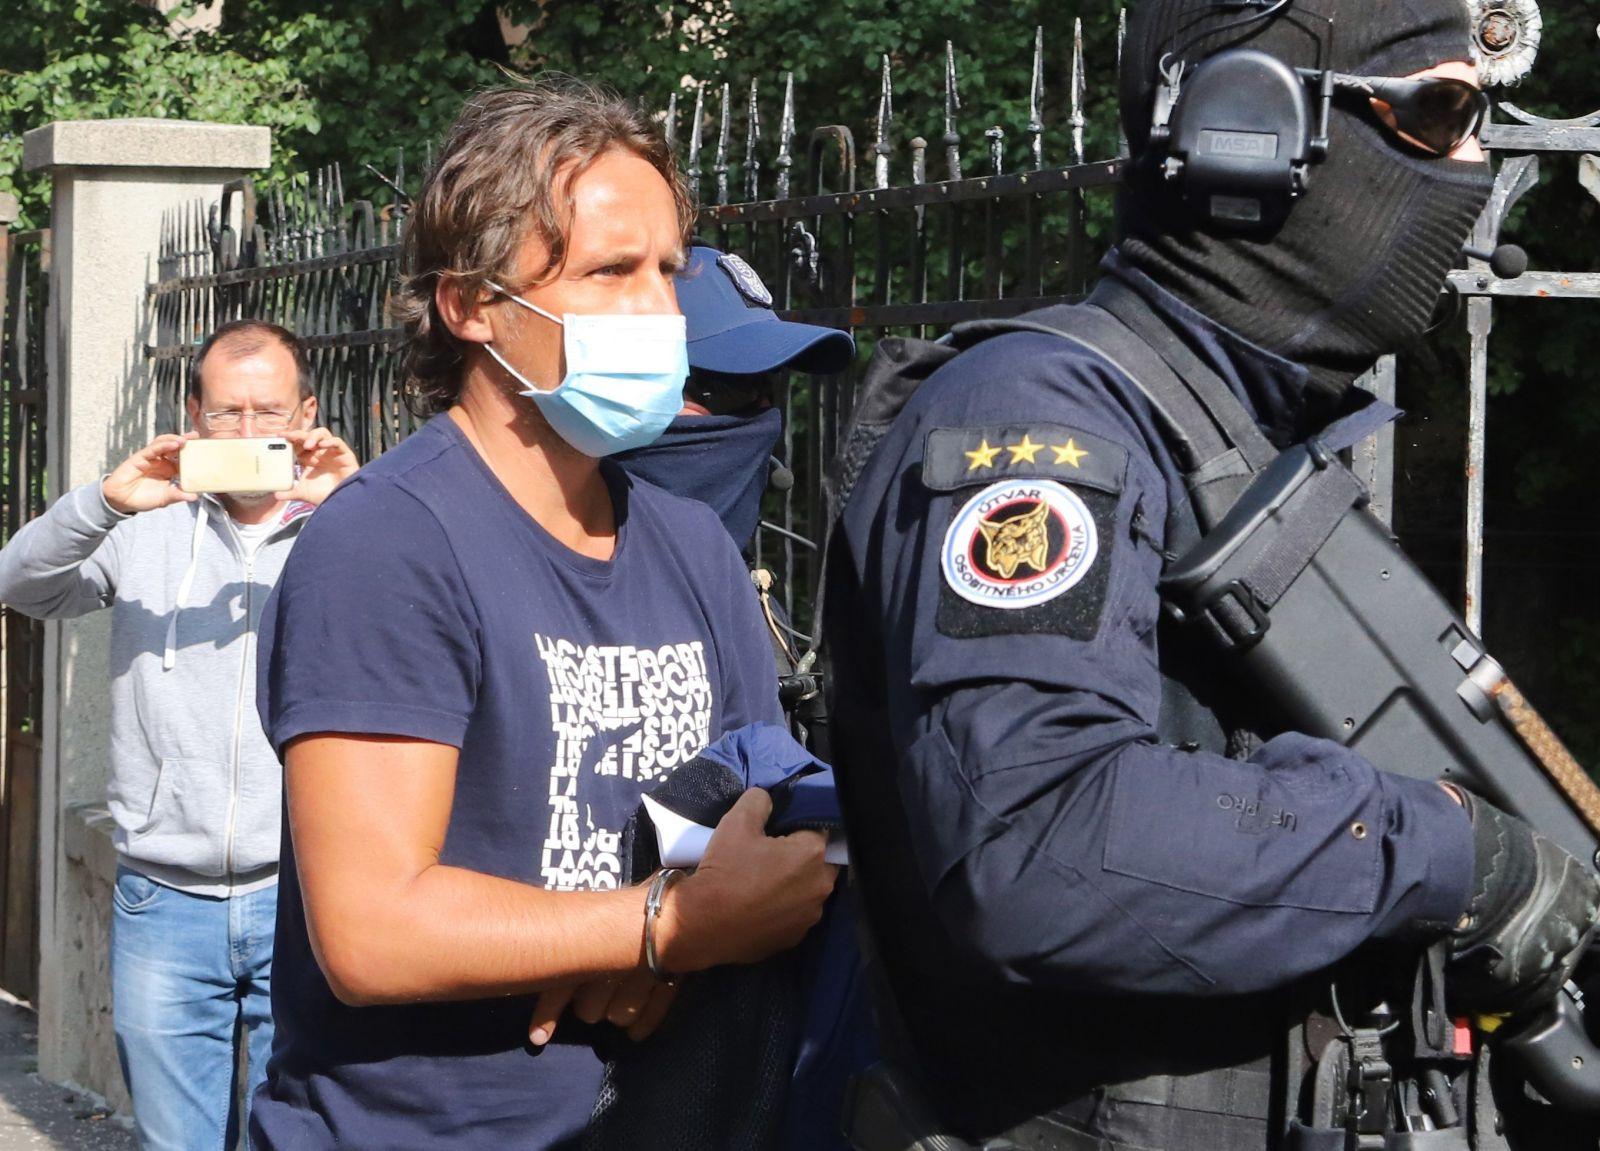 Ľudovít Makó údajne poskytol toľko informácií o trestnej činnosti, že museli vytvoriť špeciálny vyšetrovací tím